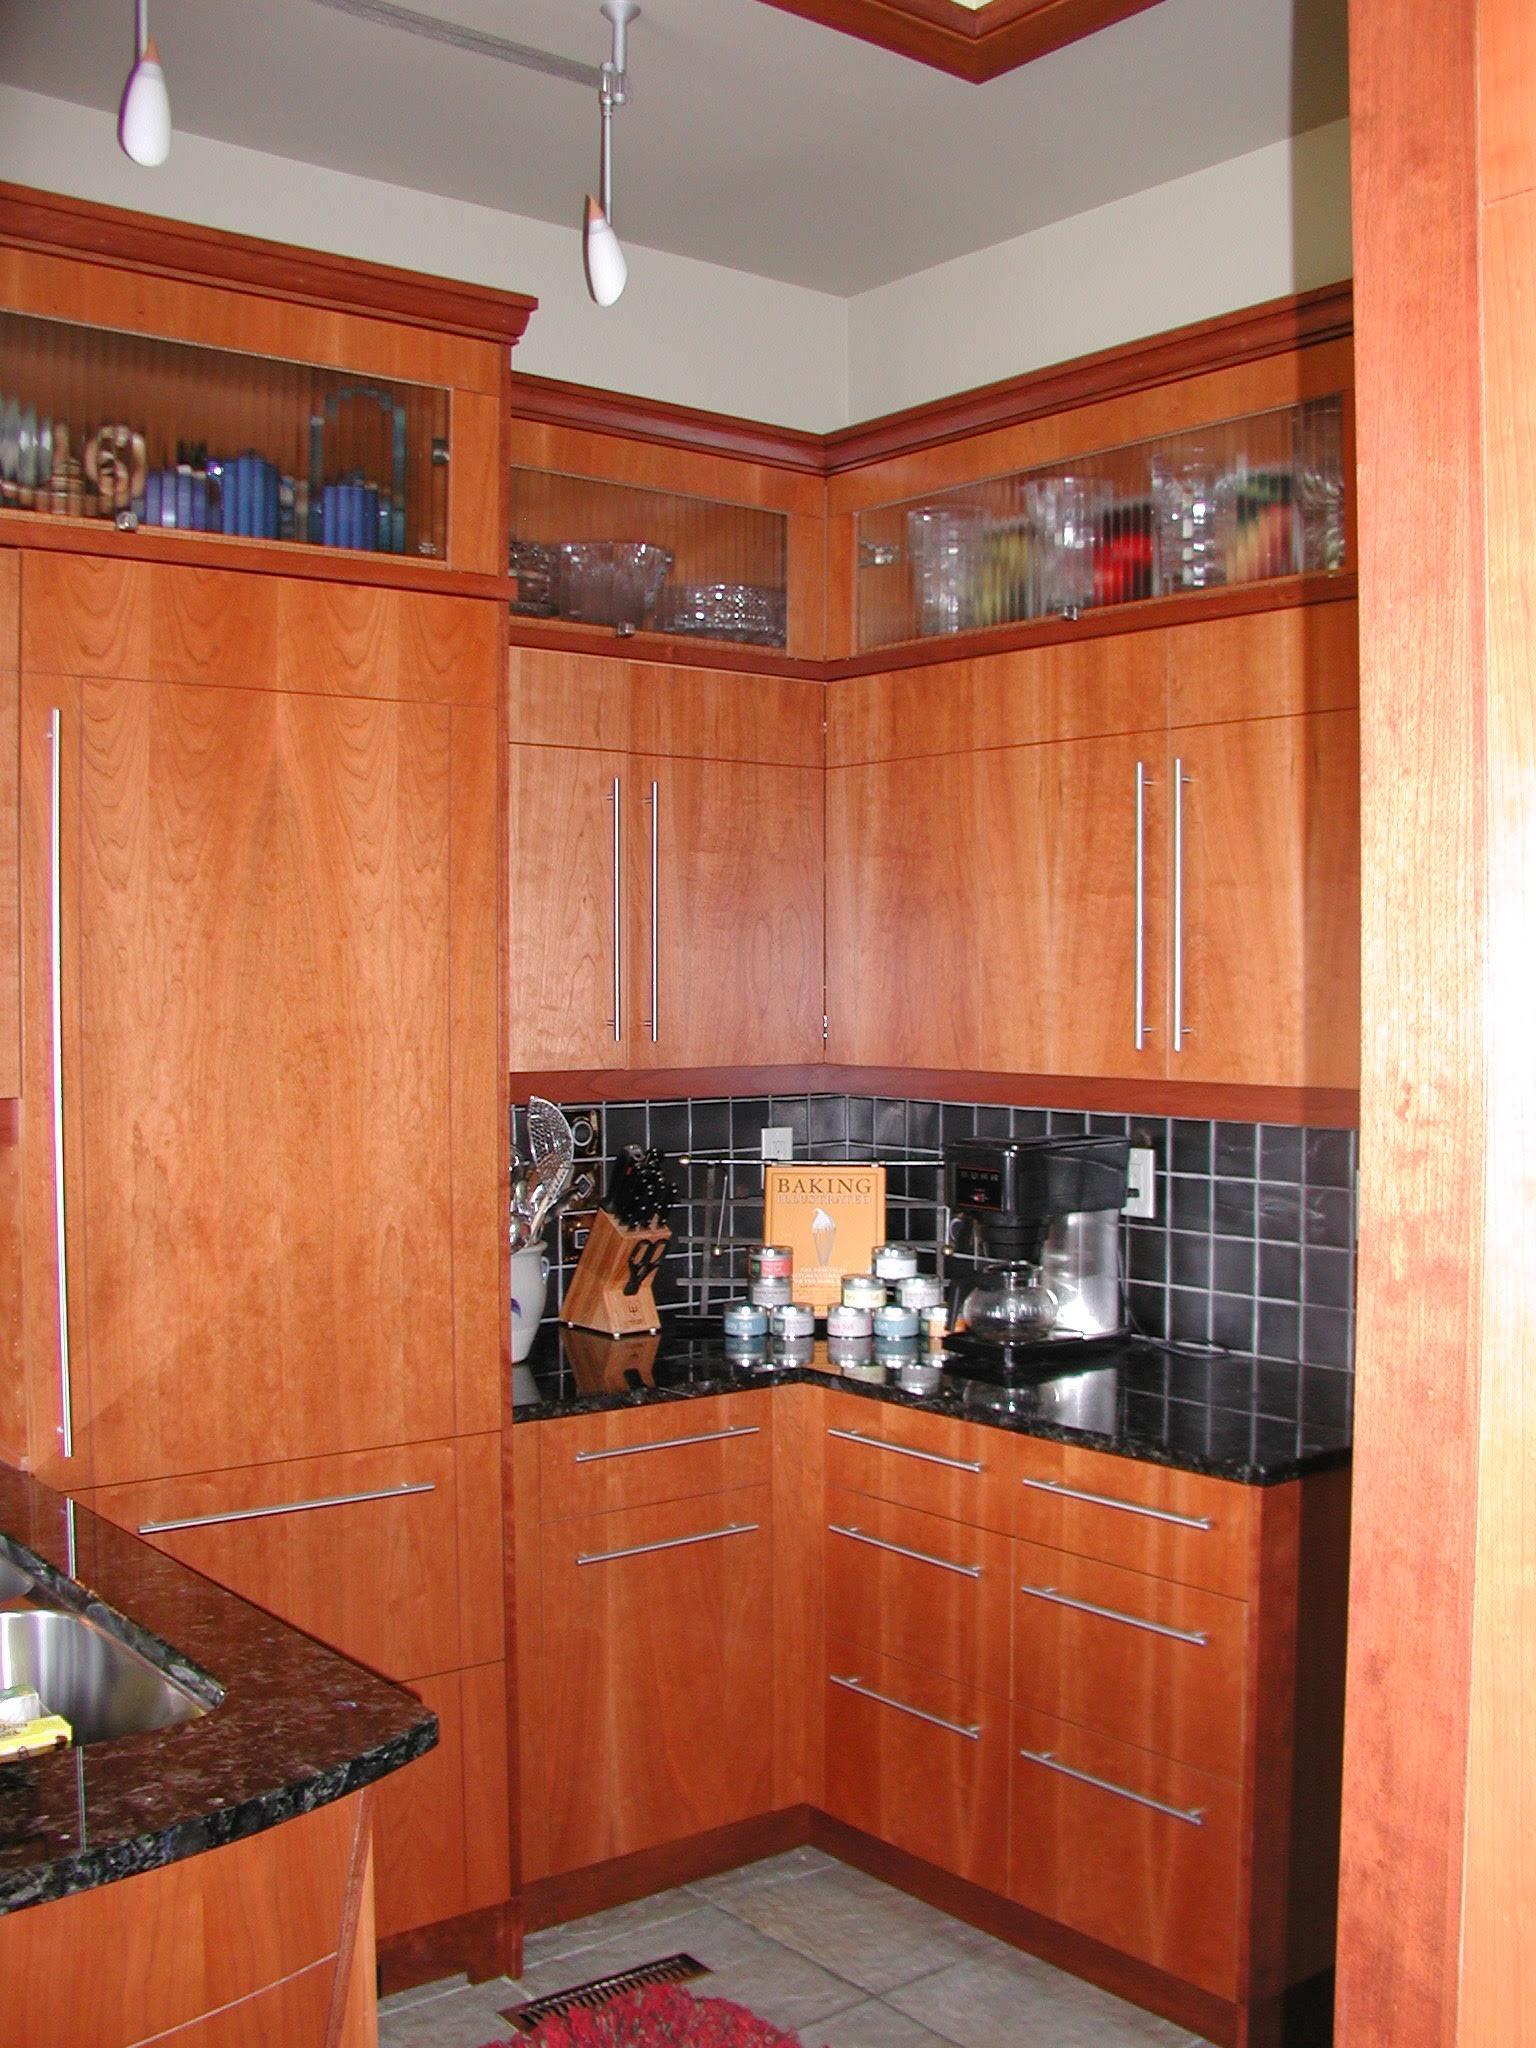 https://0201.nccdn.net/4_2/000/000/038/2d3/kitchen-p-2.png